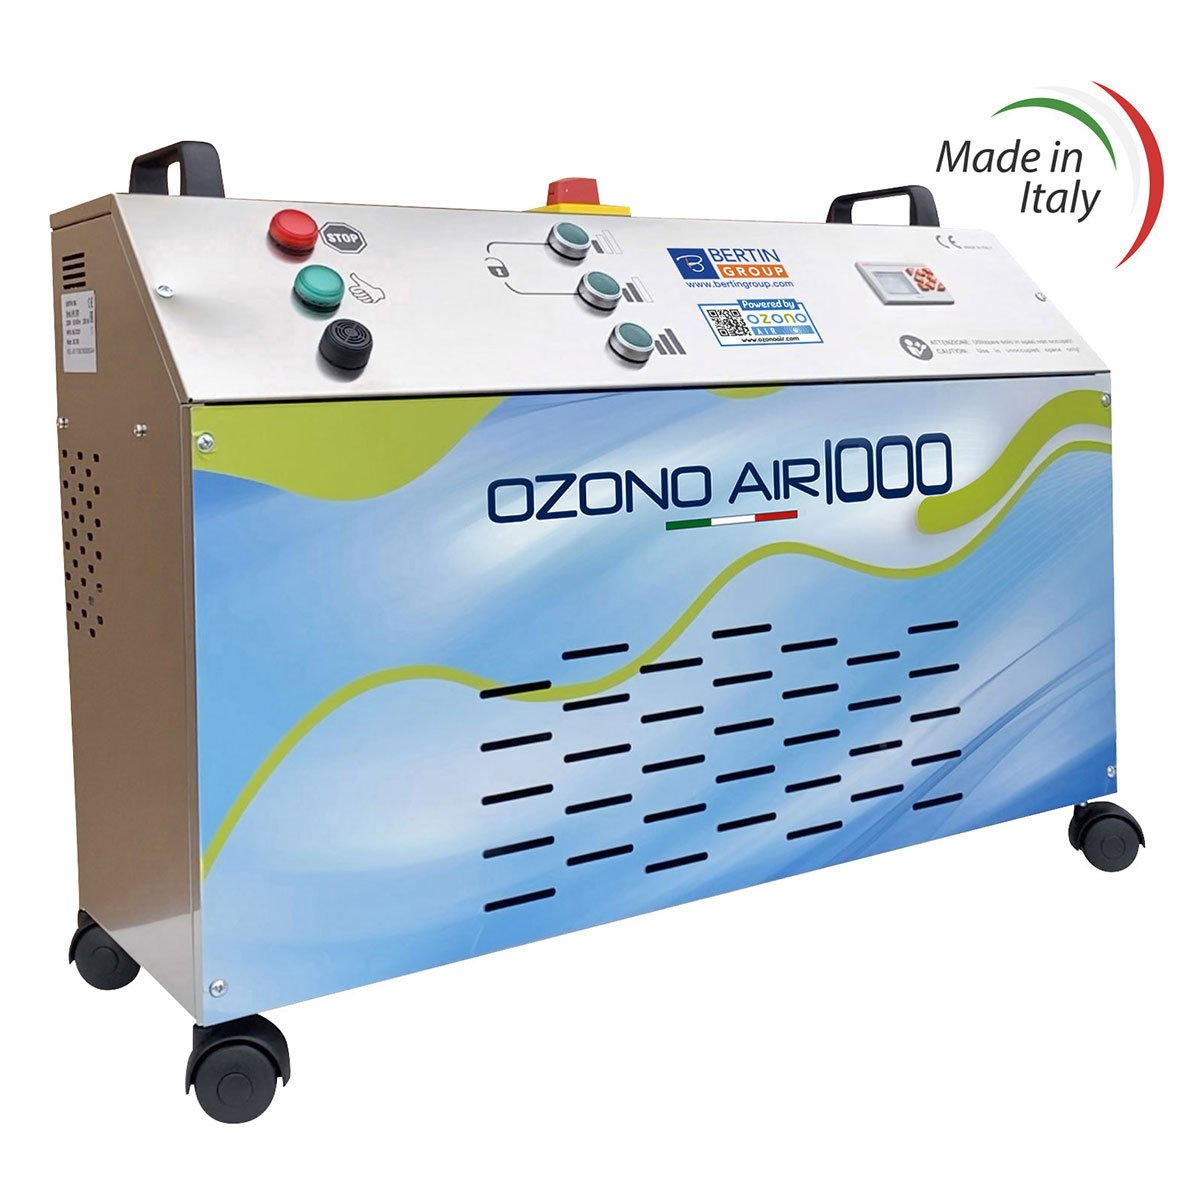 generatore OZONO AIR1000 made i italy